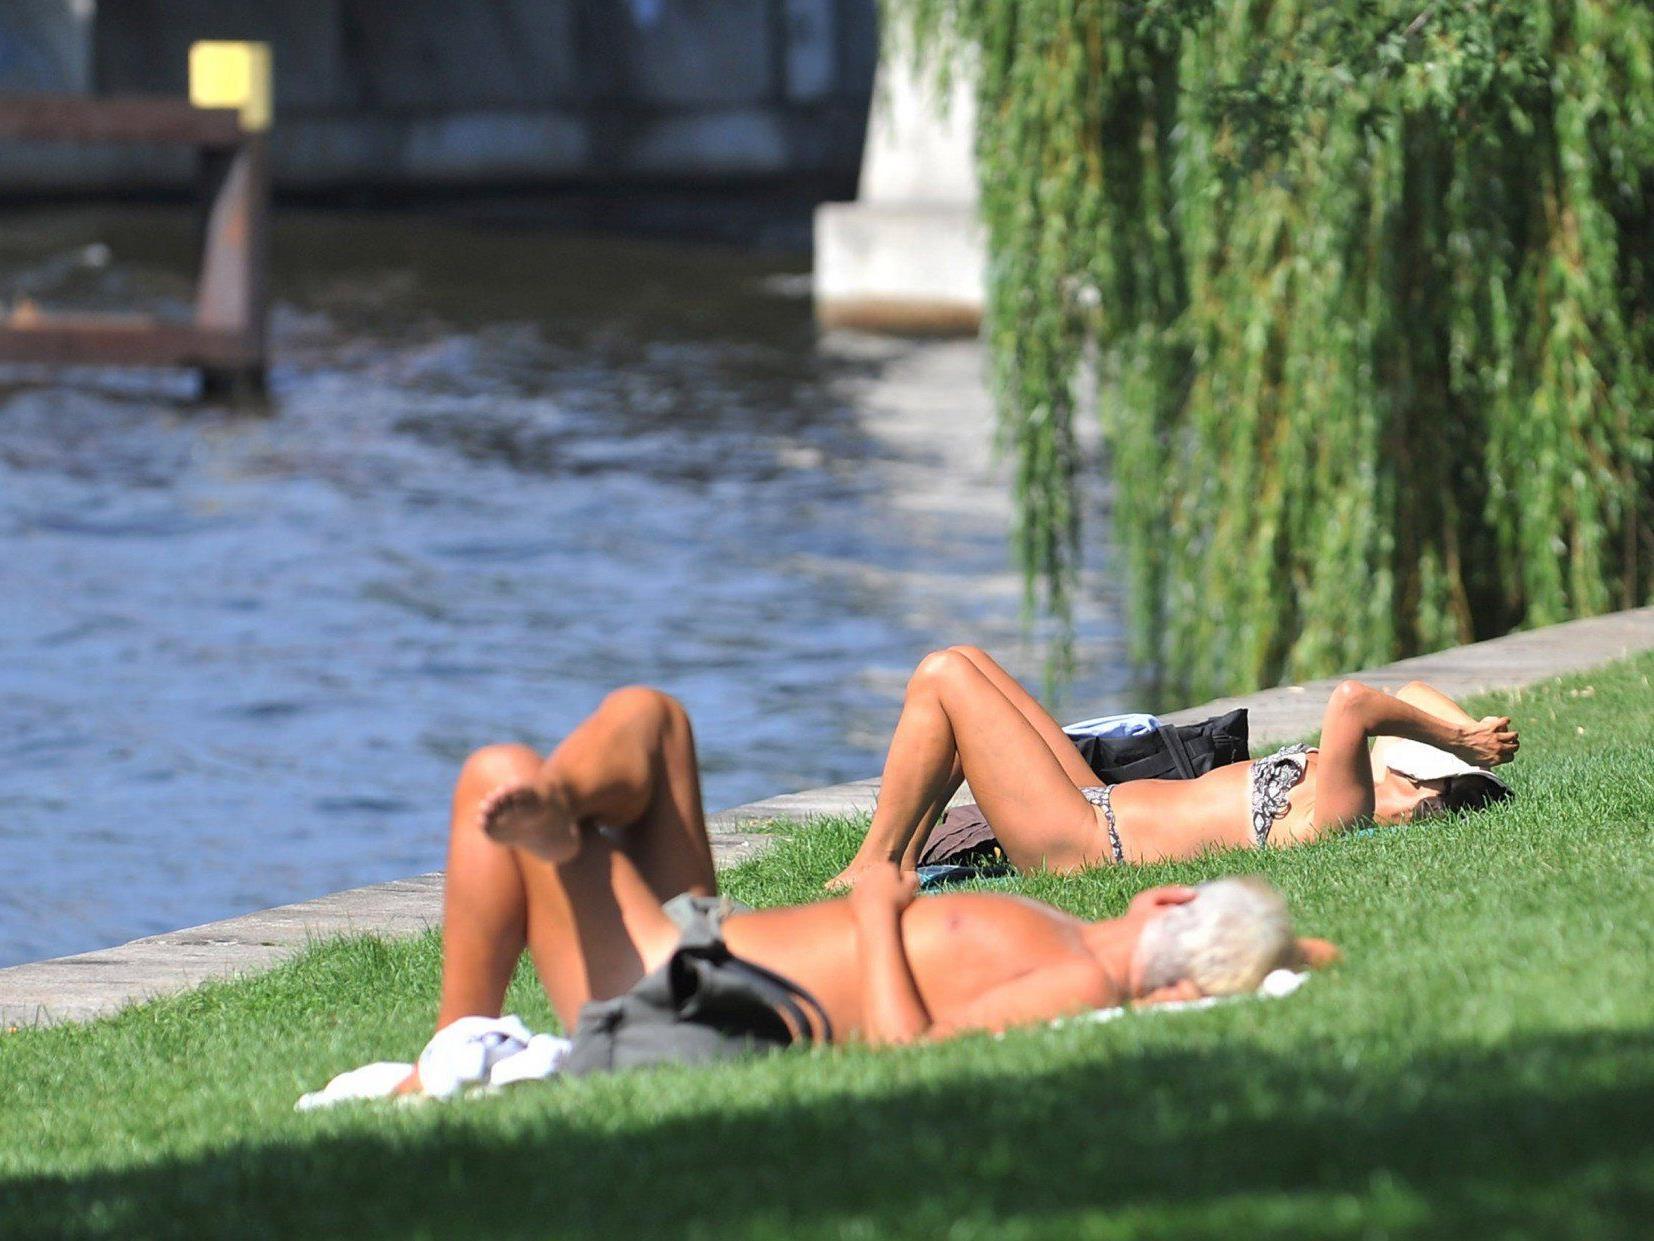 Jetzt kommt der Sommer: 30 Grad am Wochenende